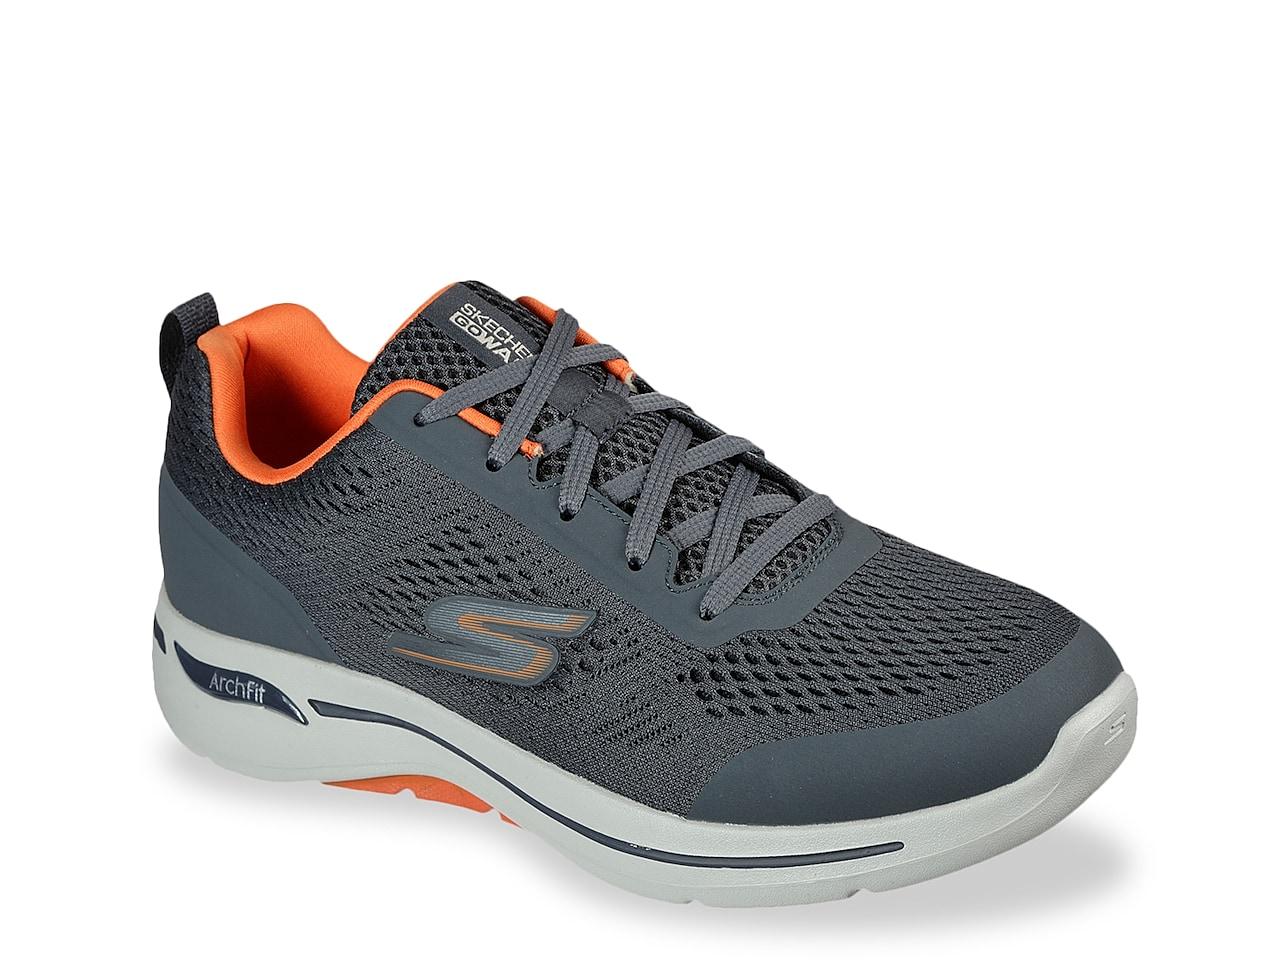 Skechers GOwalk Arch Fit Idyllic Sneaker - Men's